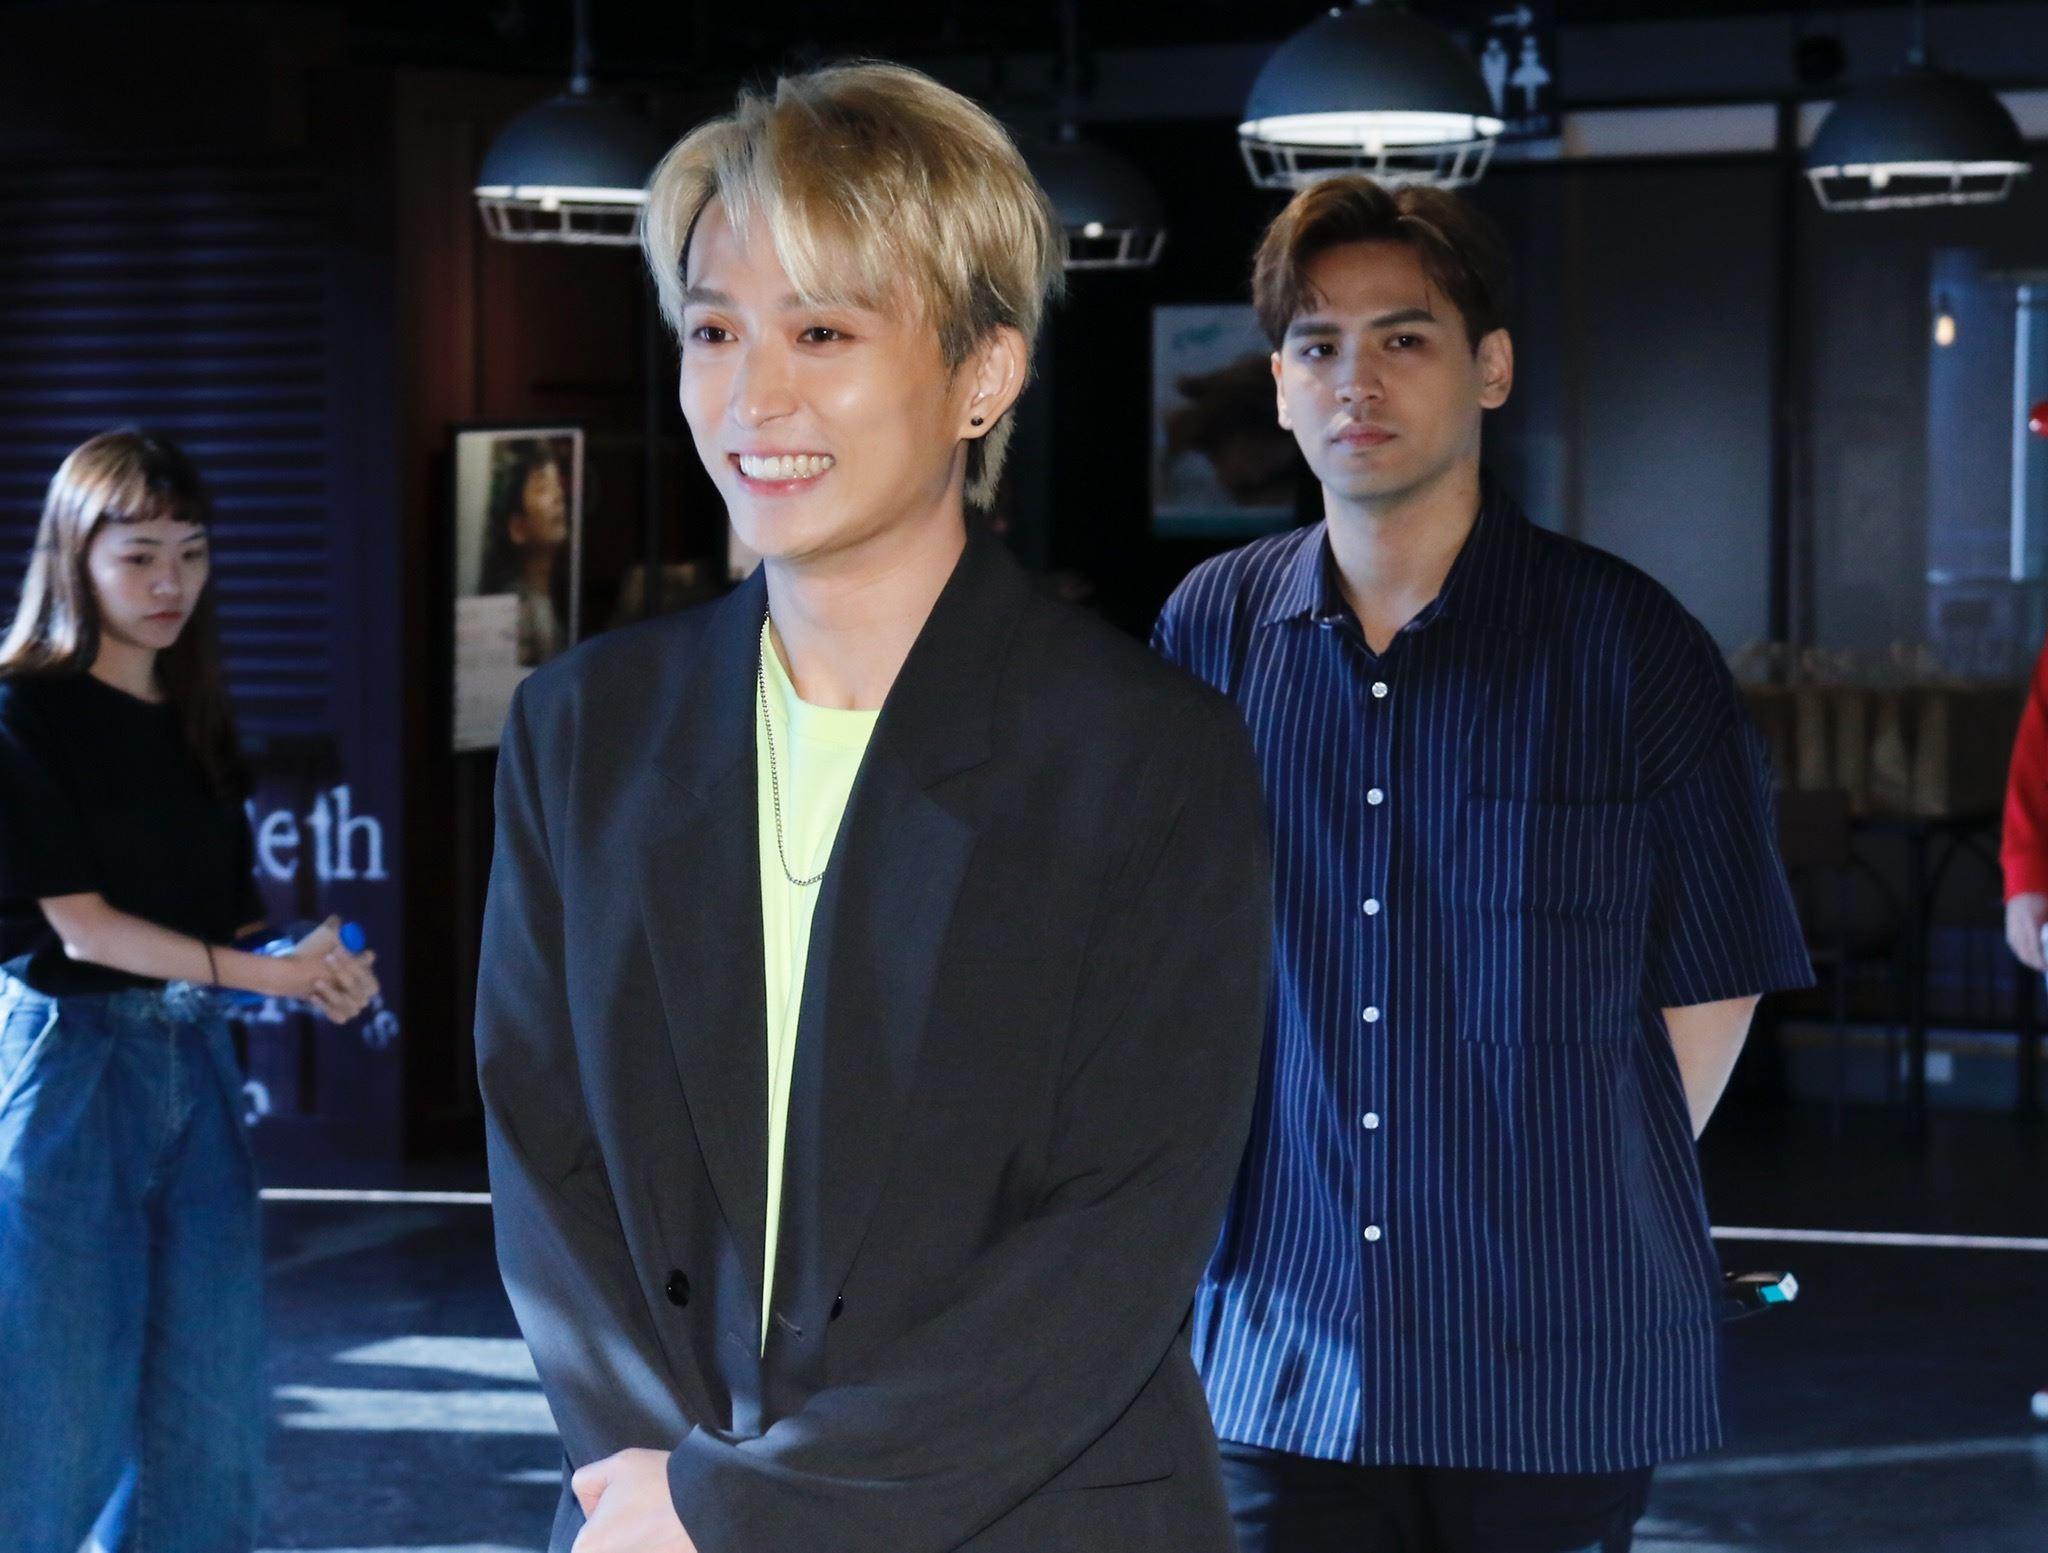 嘉賓陳零九和邱鋒澤特地帶來價值萬元的「布羅利」公仔。(圖/記者林聖凱攝影)